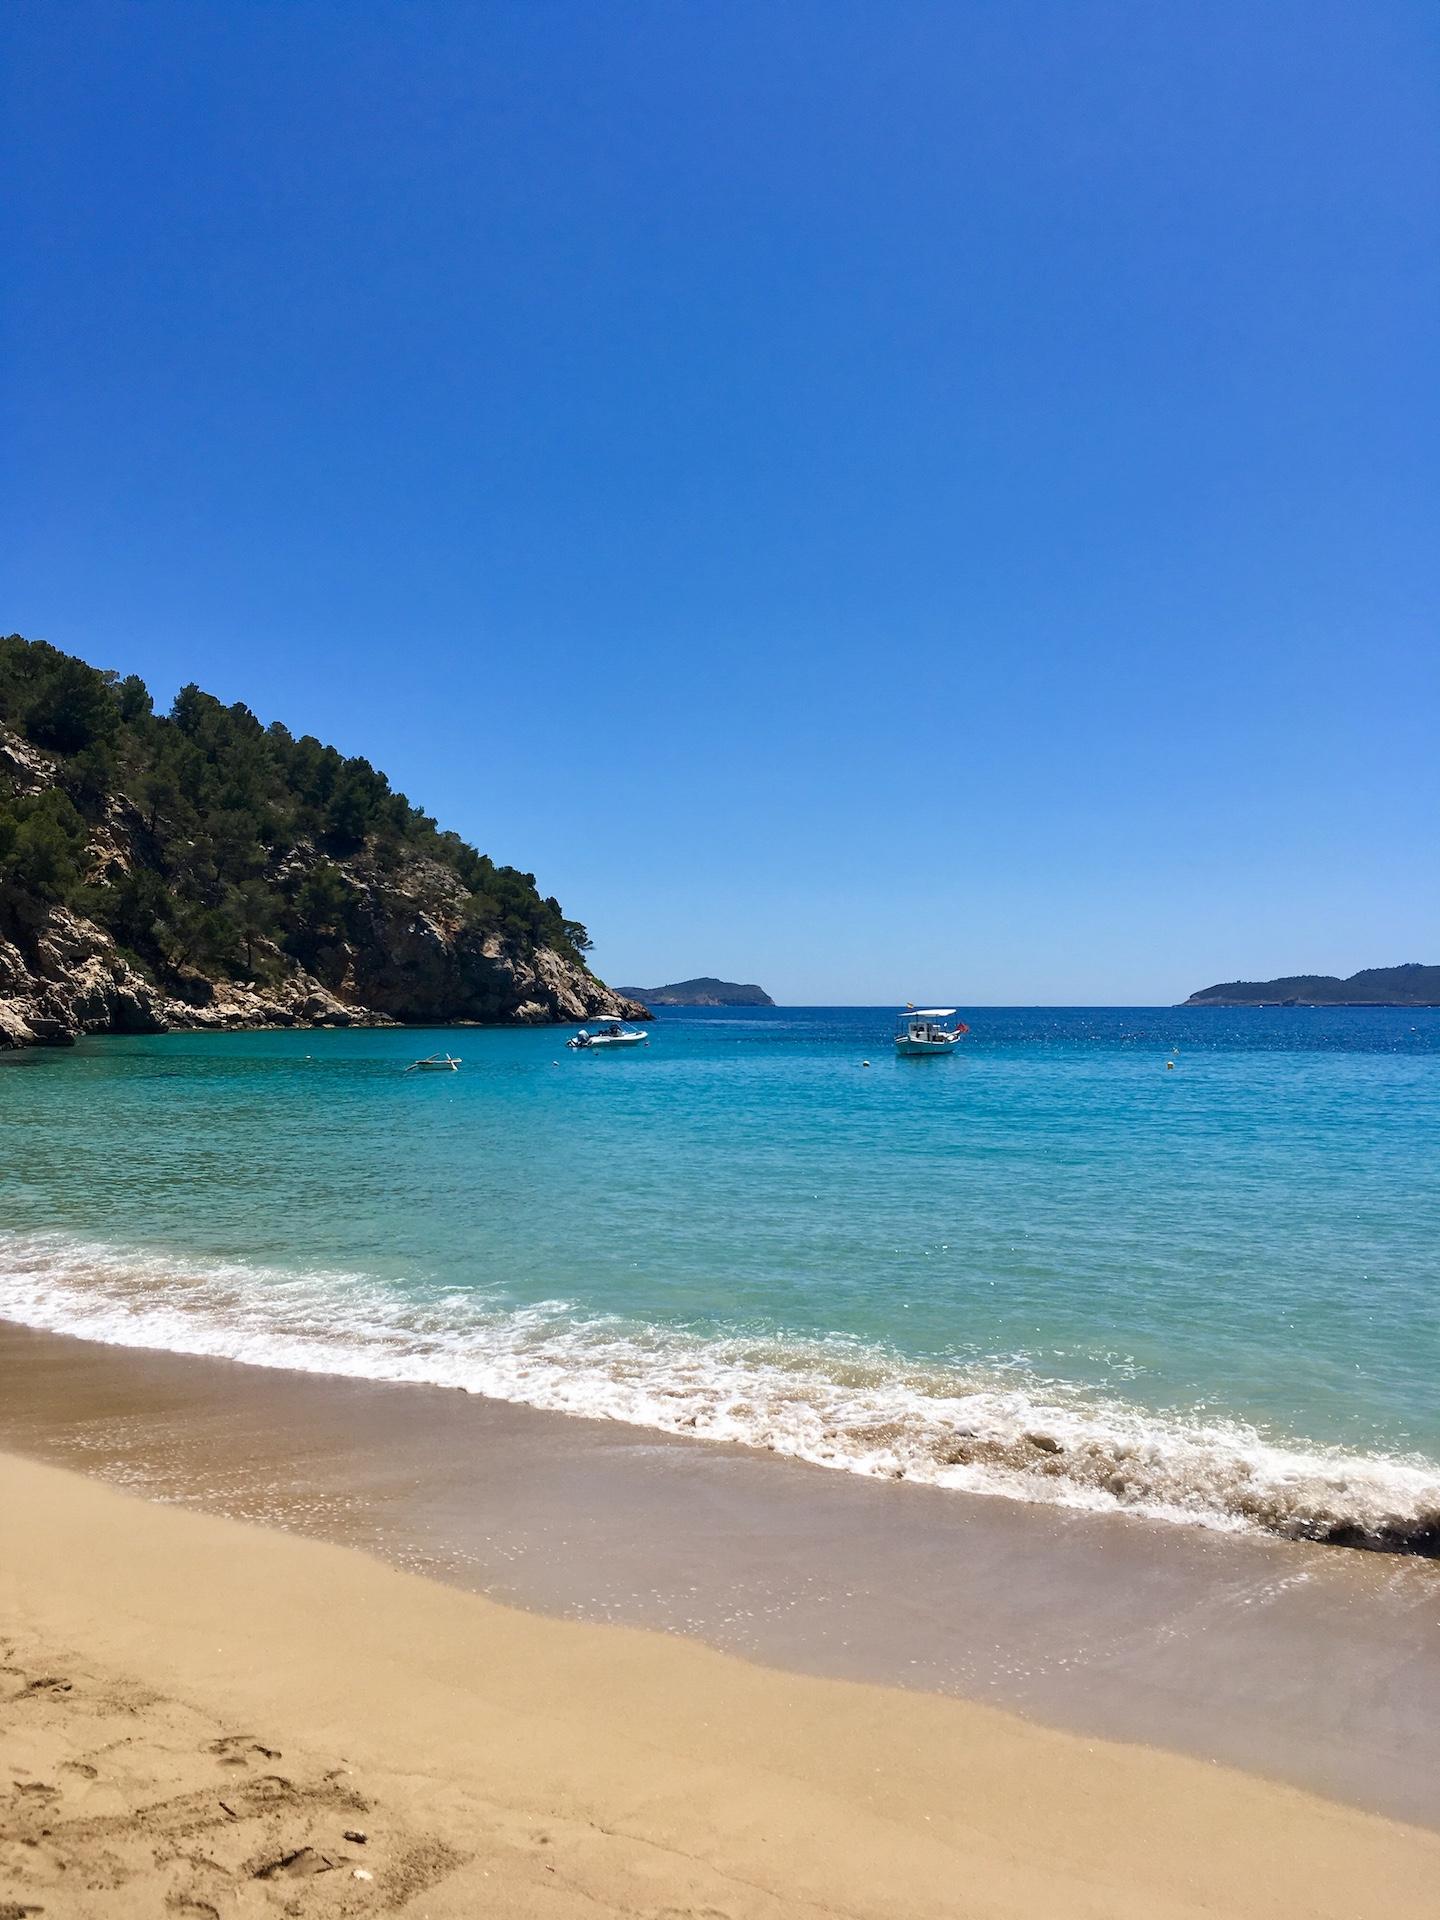 Cala Sant Vicente - wunderschöne Natur-Bucht in Ibizas Norden #Ibiza #Urlaub #Strand #Geheimtipp #Schnorcheln #Kajak #SUP.jpg